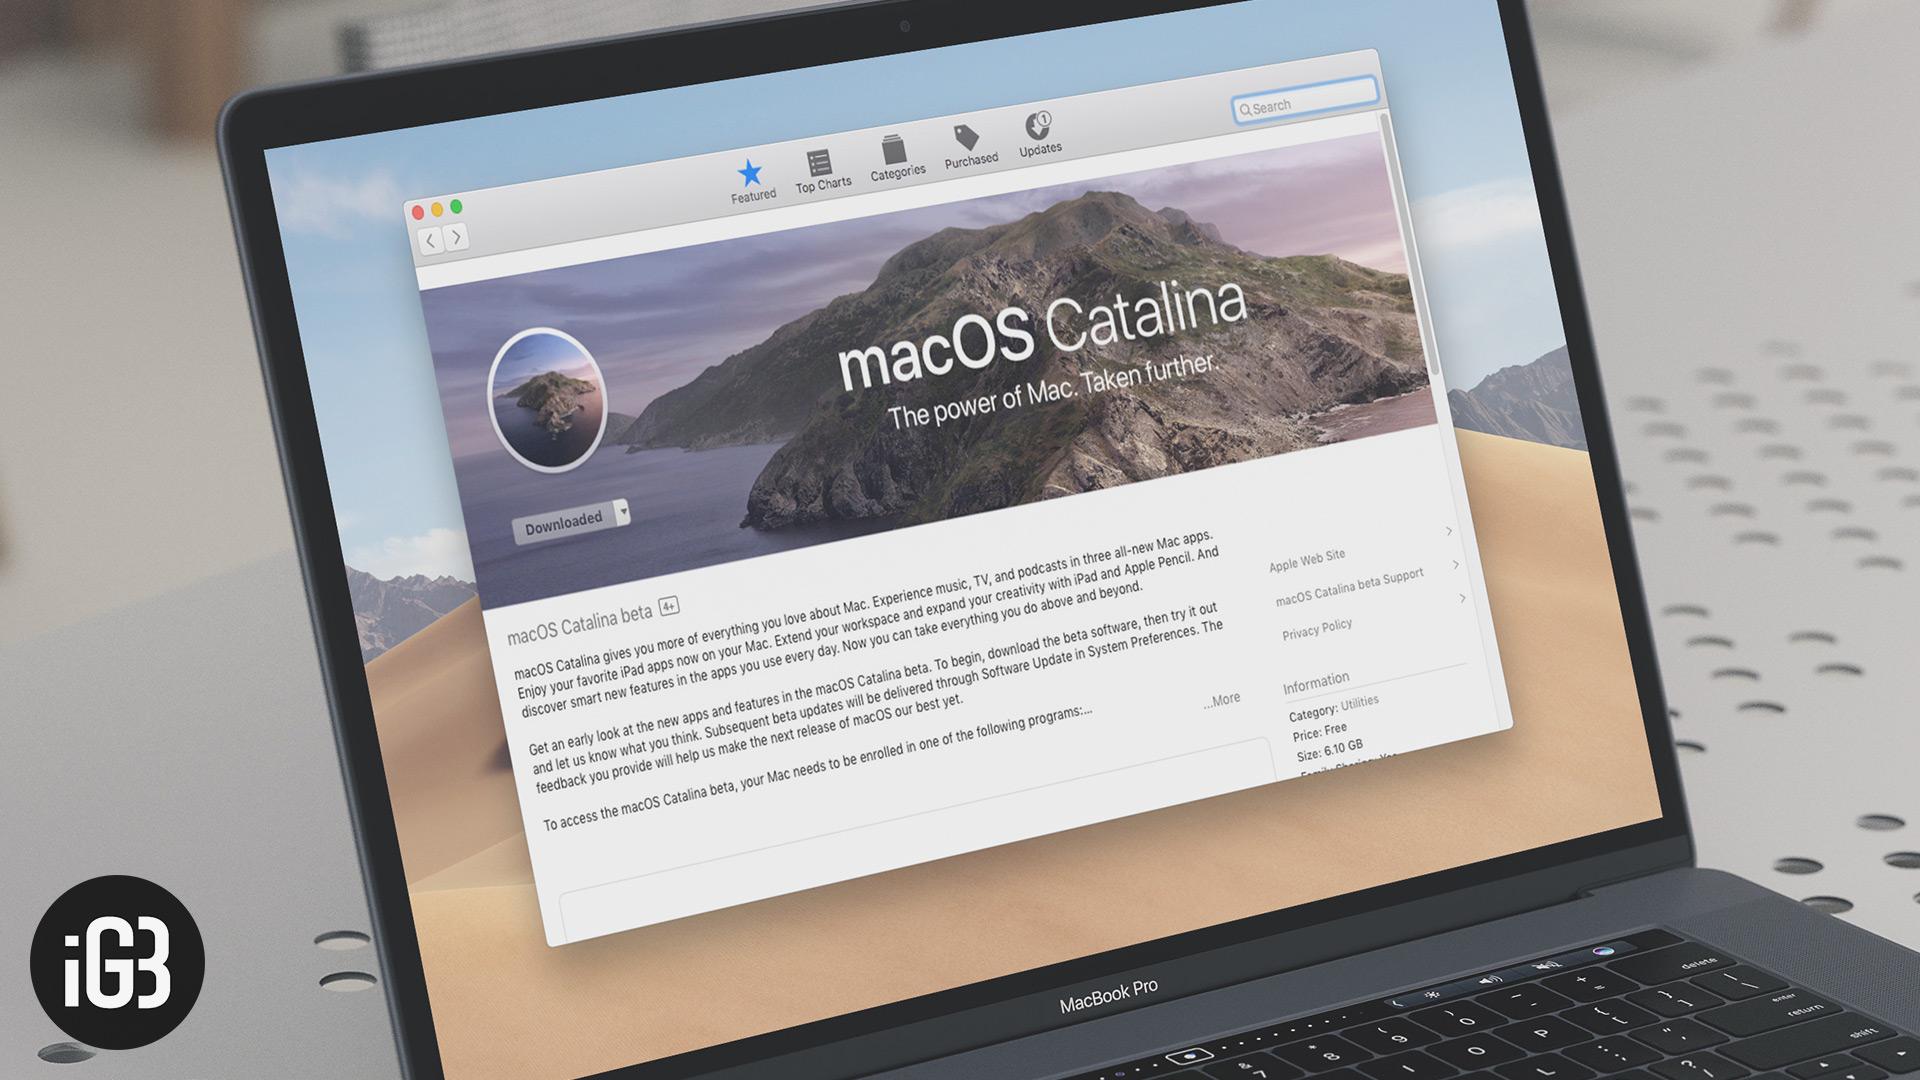 Cómo instalar macOS Catalina 10.15 Public Beta 3 en Mac